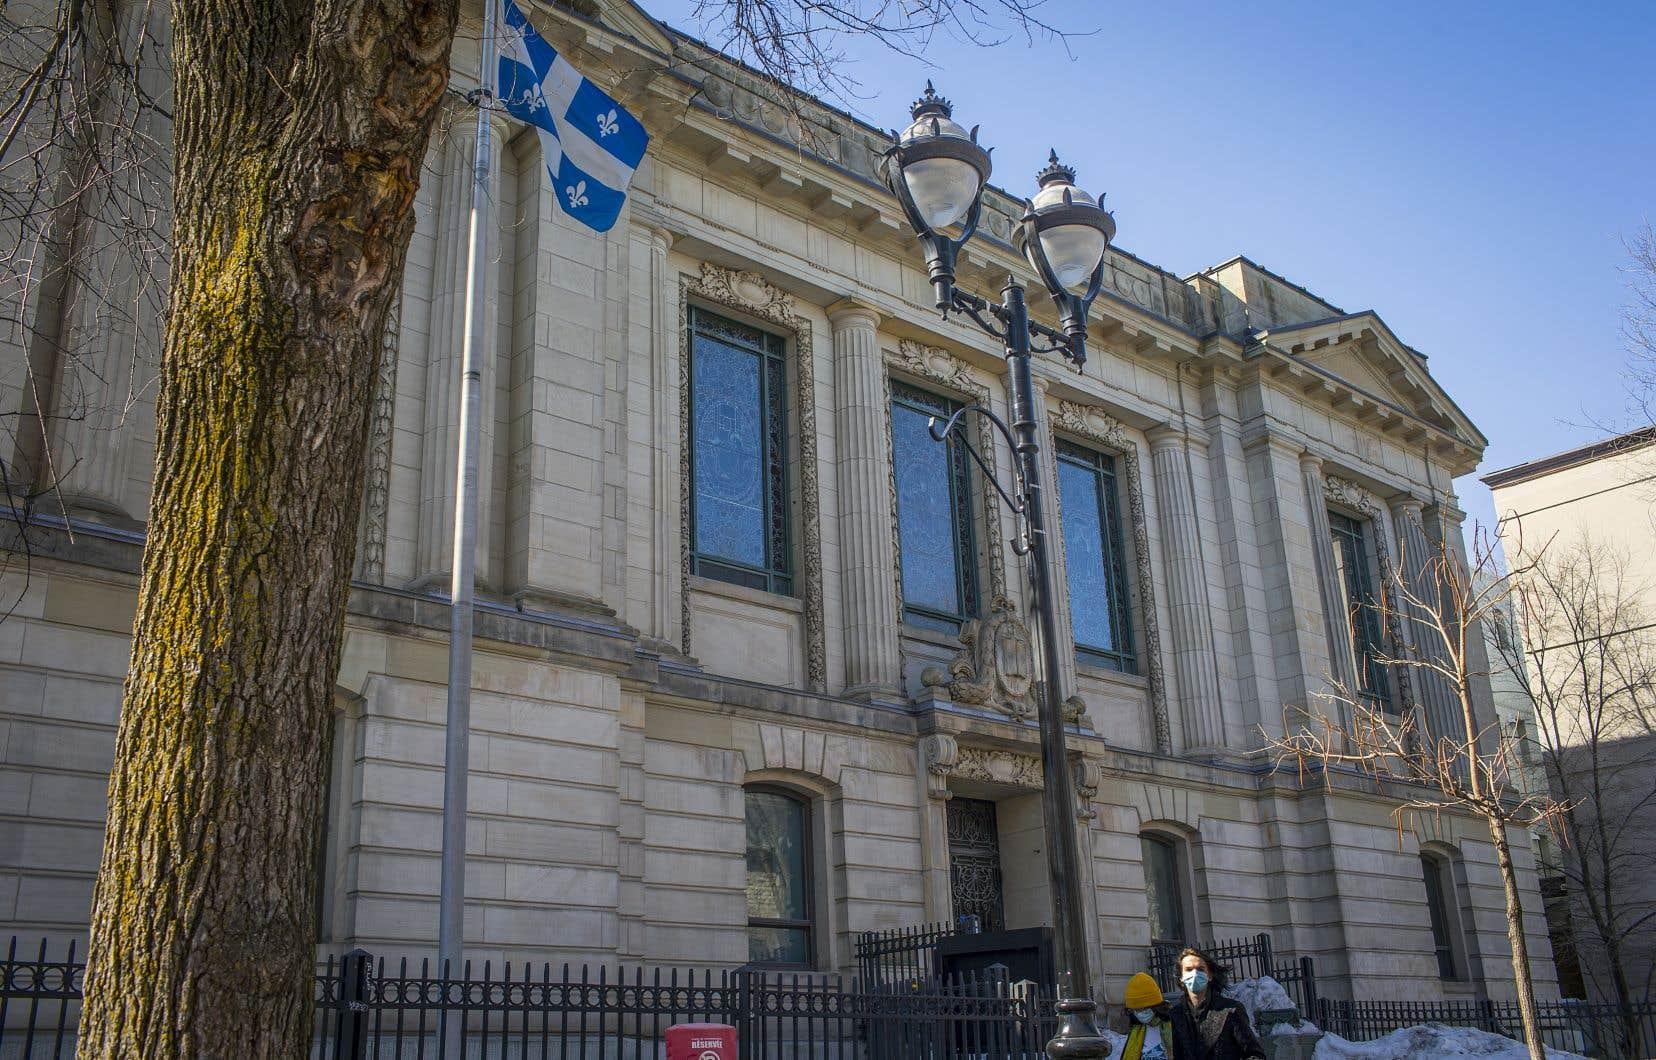 Classée monument historique en 1988, la bibliothèque Saint-Sulpice archive maintenant les problèmes et souffre d'avoir été inoccupée pendant plus de 15ans.